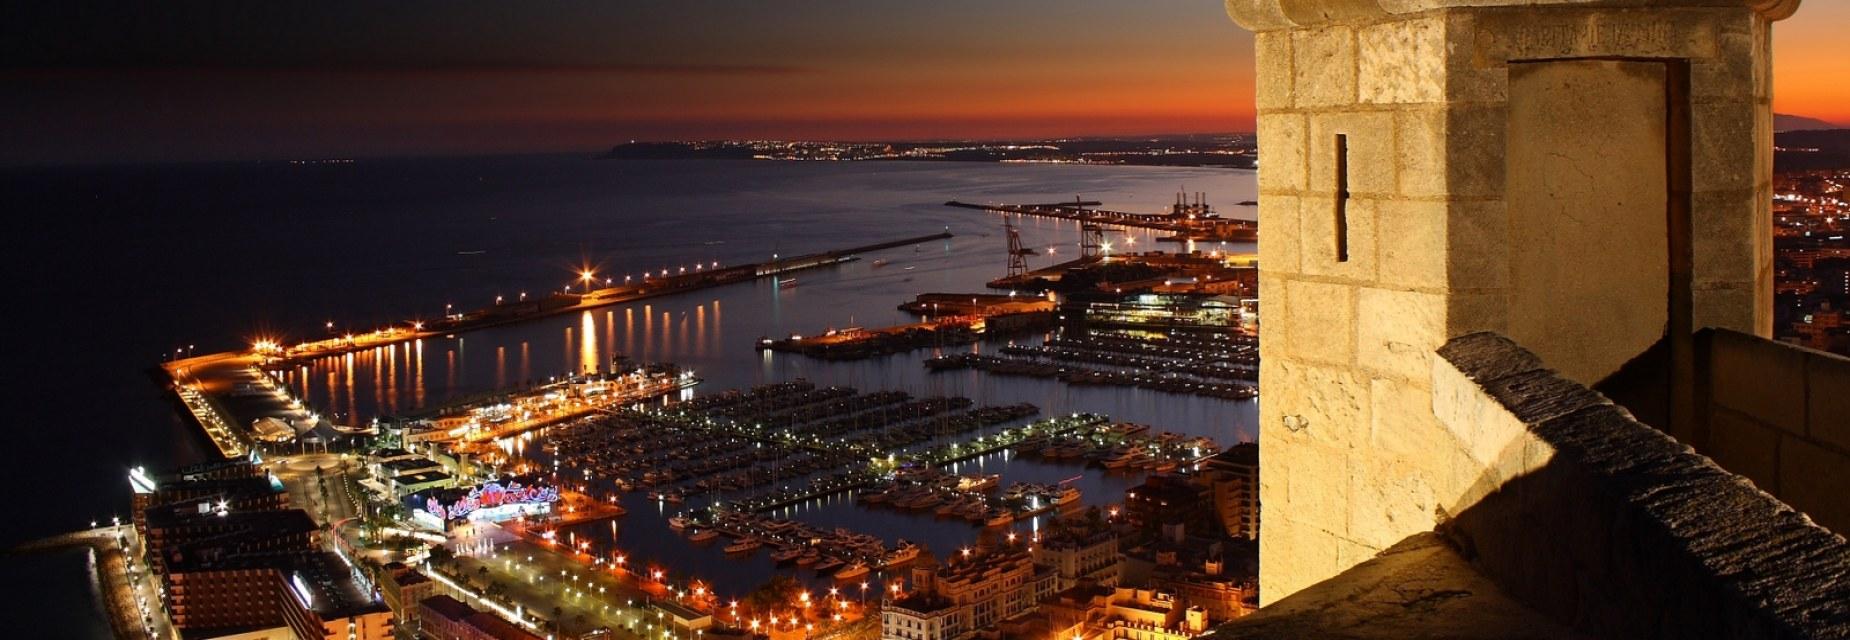 Alicante-Costa-Blanca-Spain